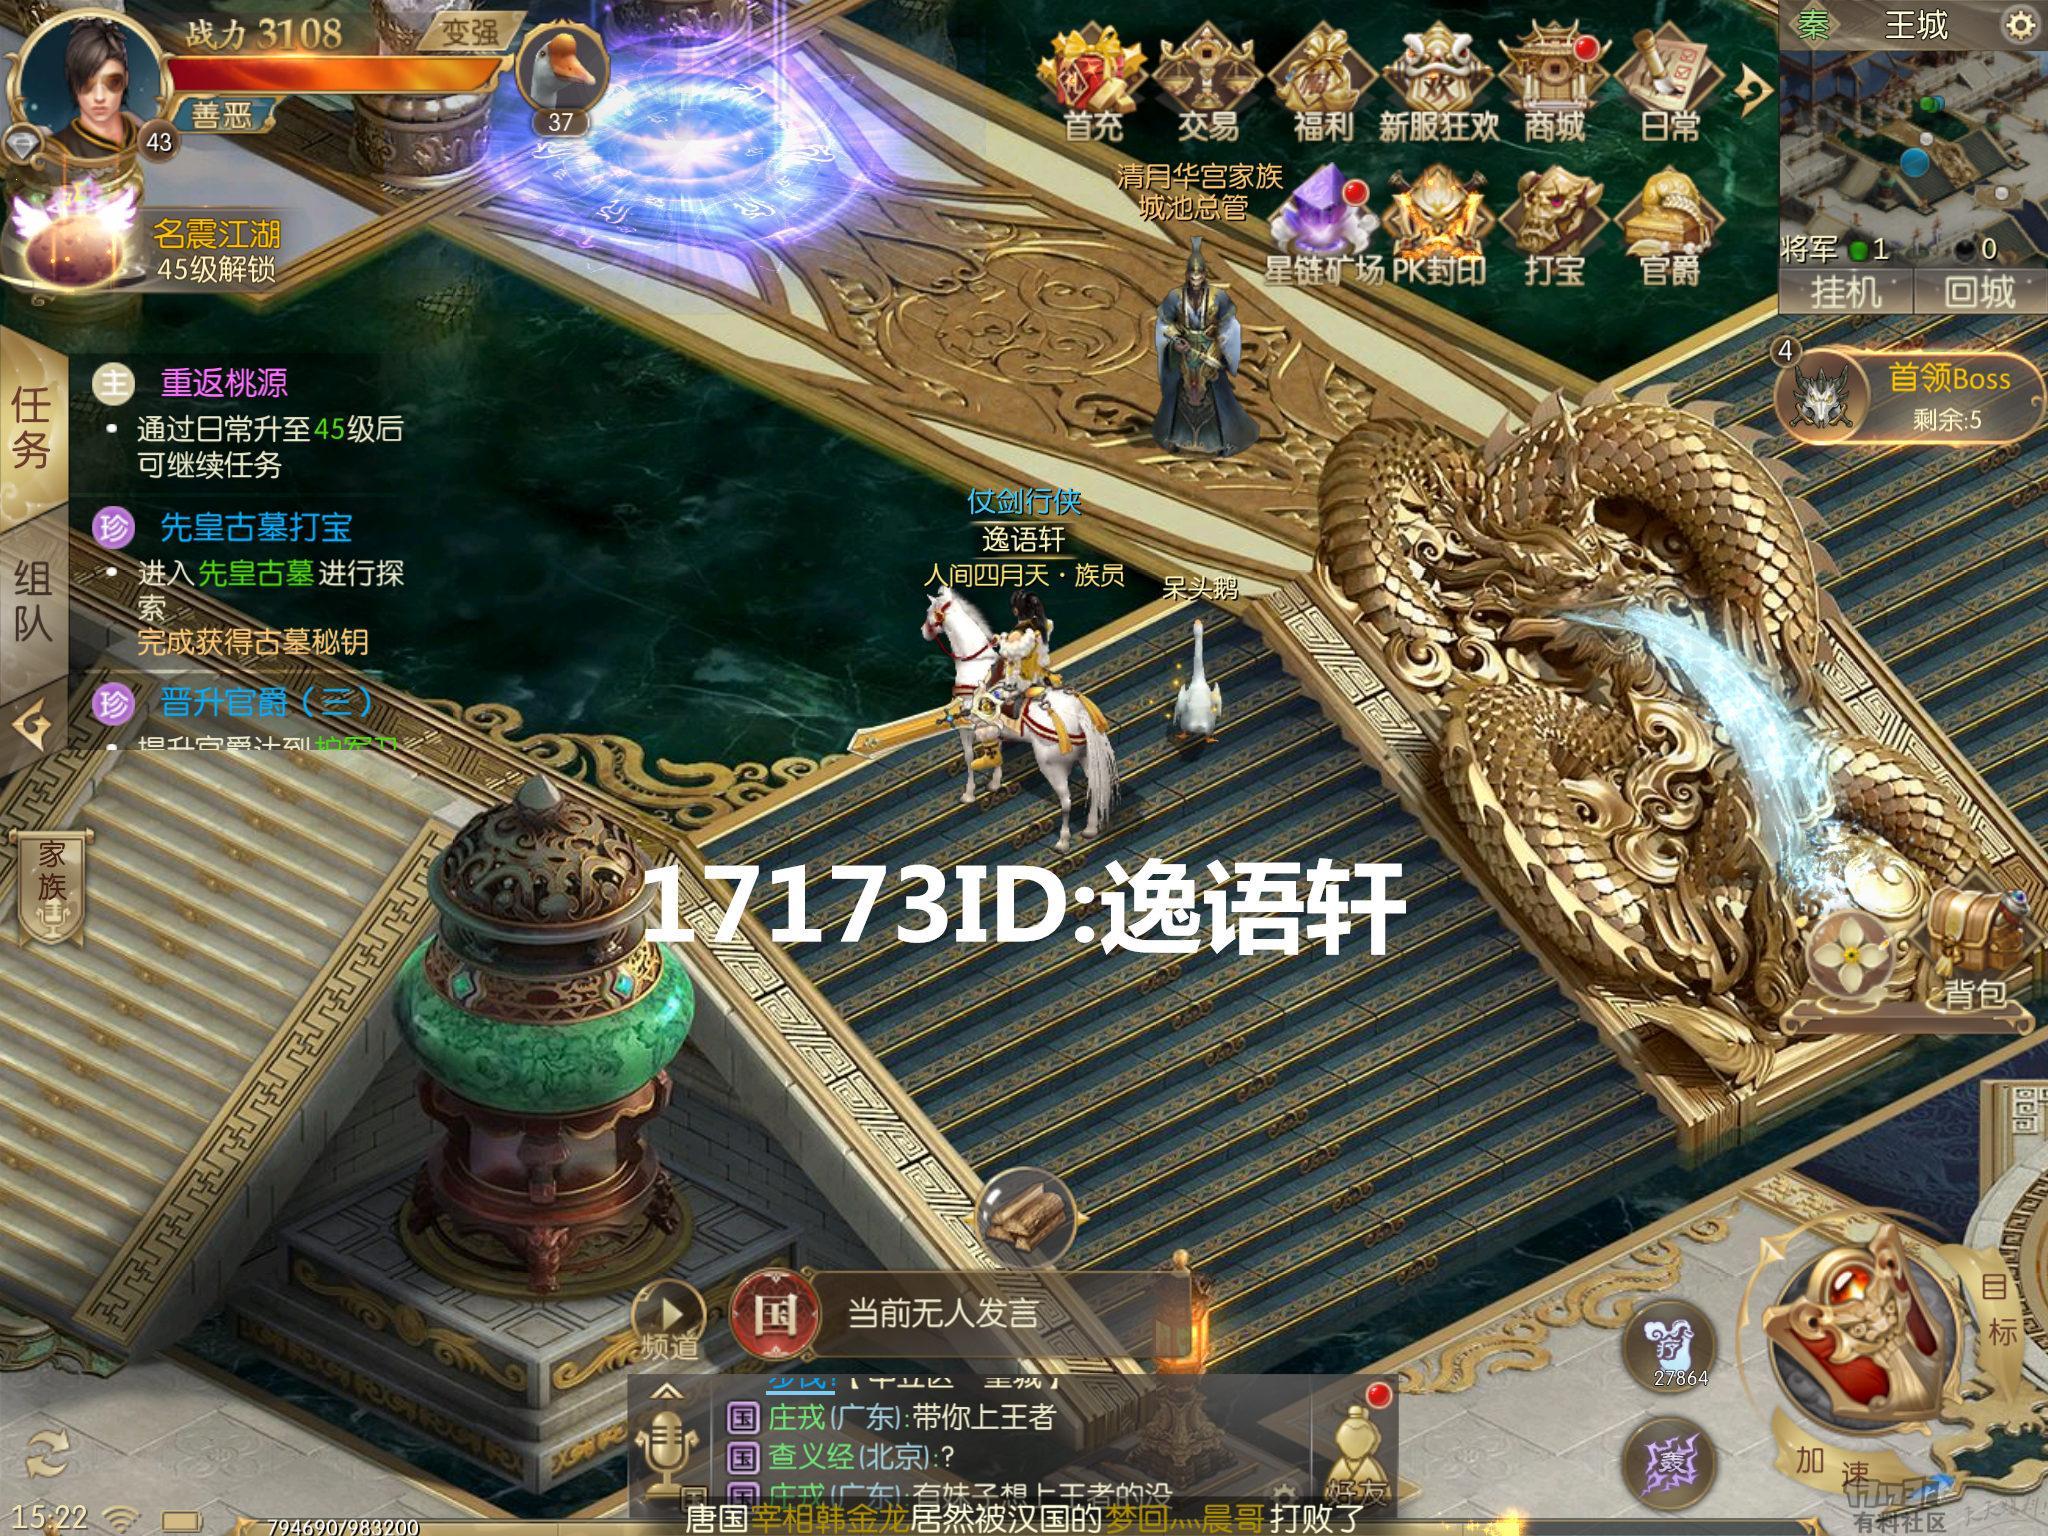 17173王城.jpg